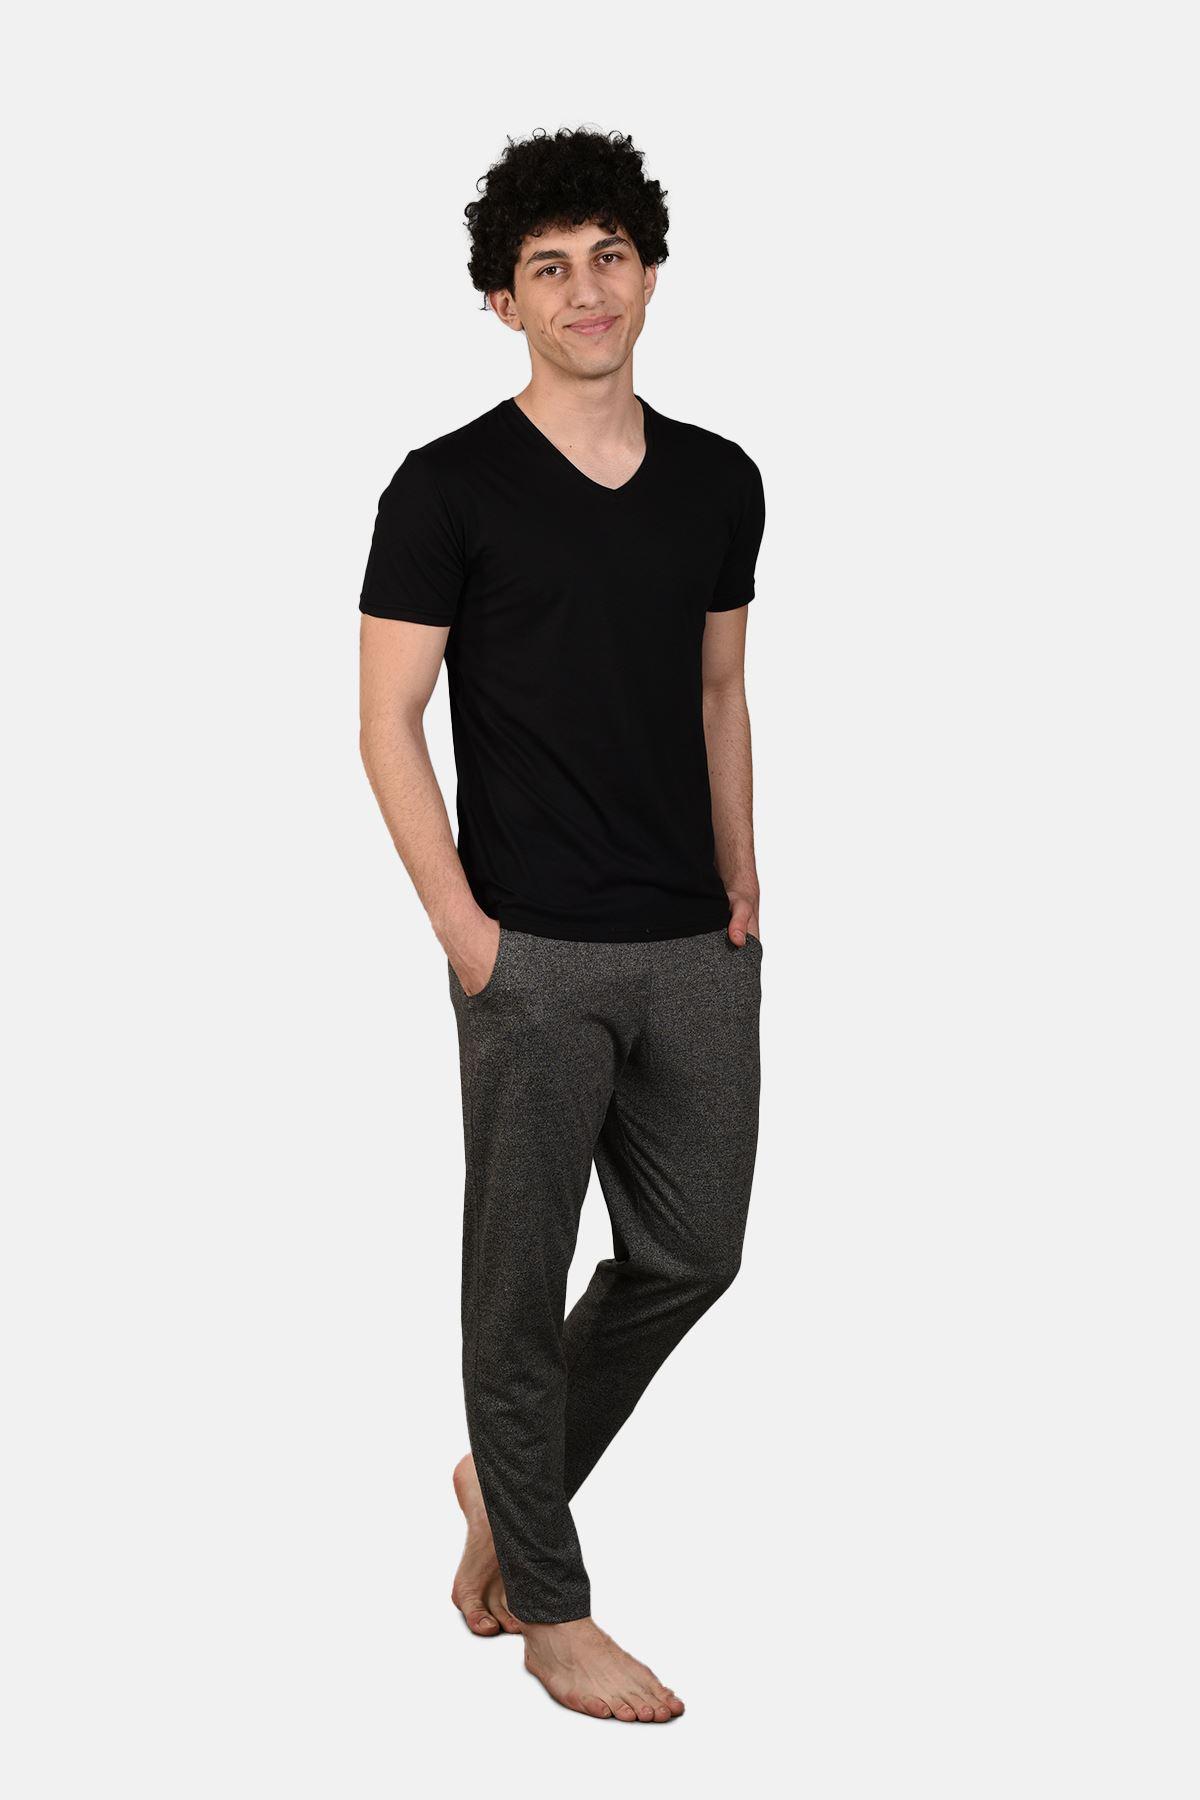 Malabadi Erkek Grimelanj Alt Siyah Üst V Yaka Yazlık Pijama Takımı M563